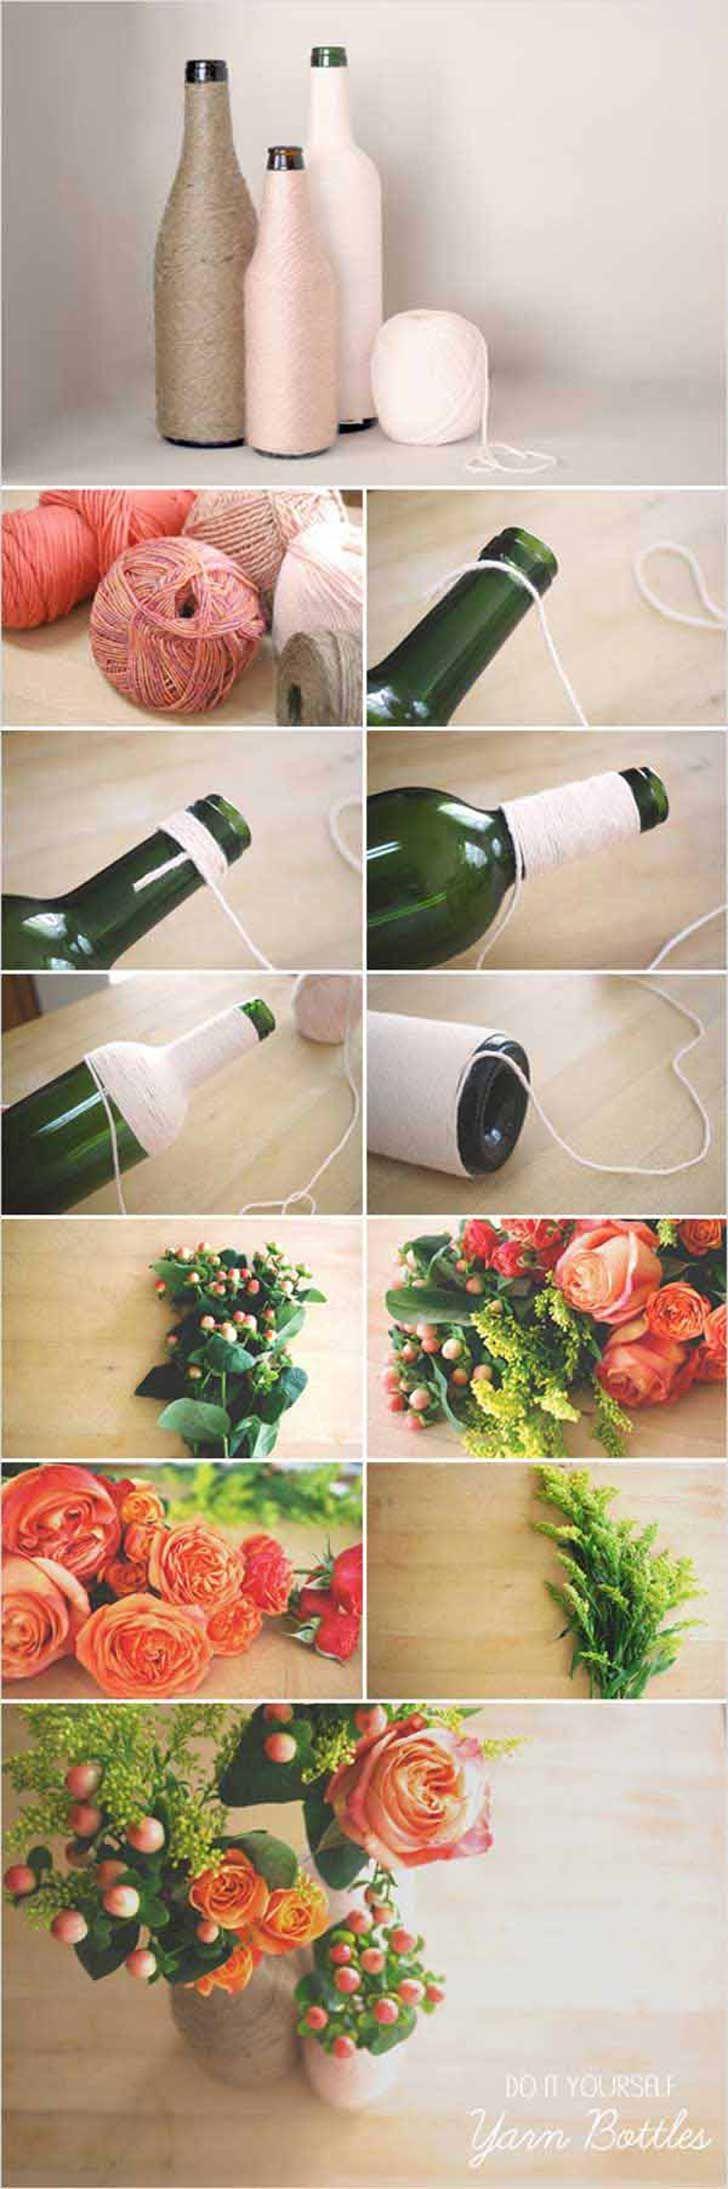 increbles ideas econmicas que puedes hacer el da de tu boda